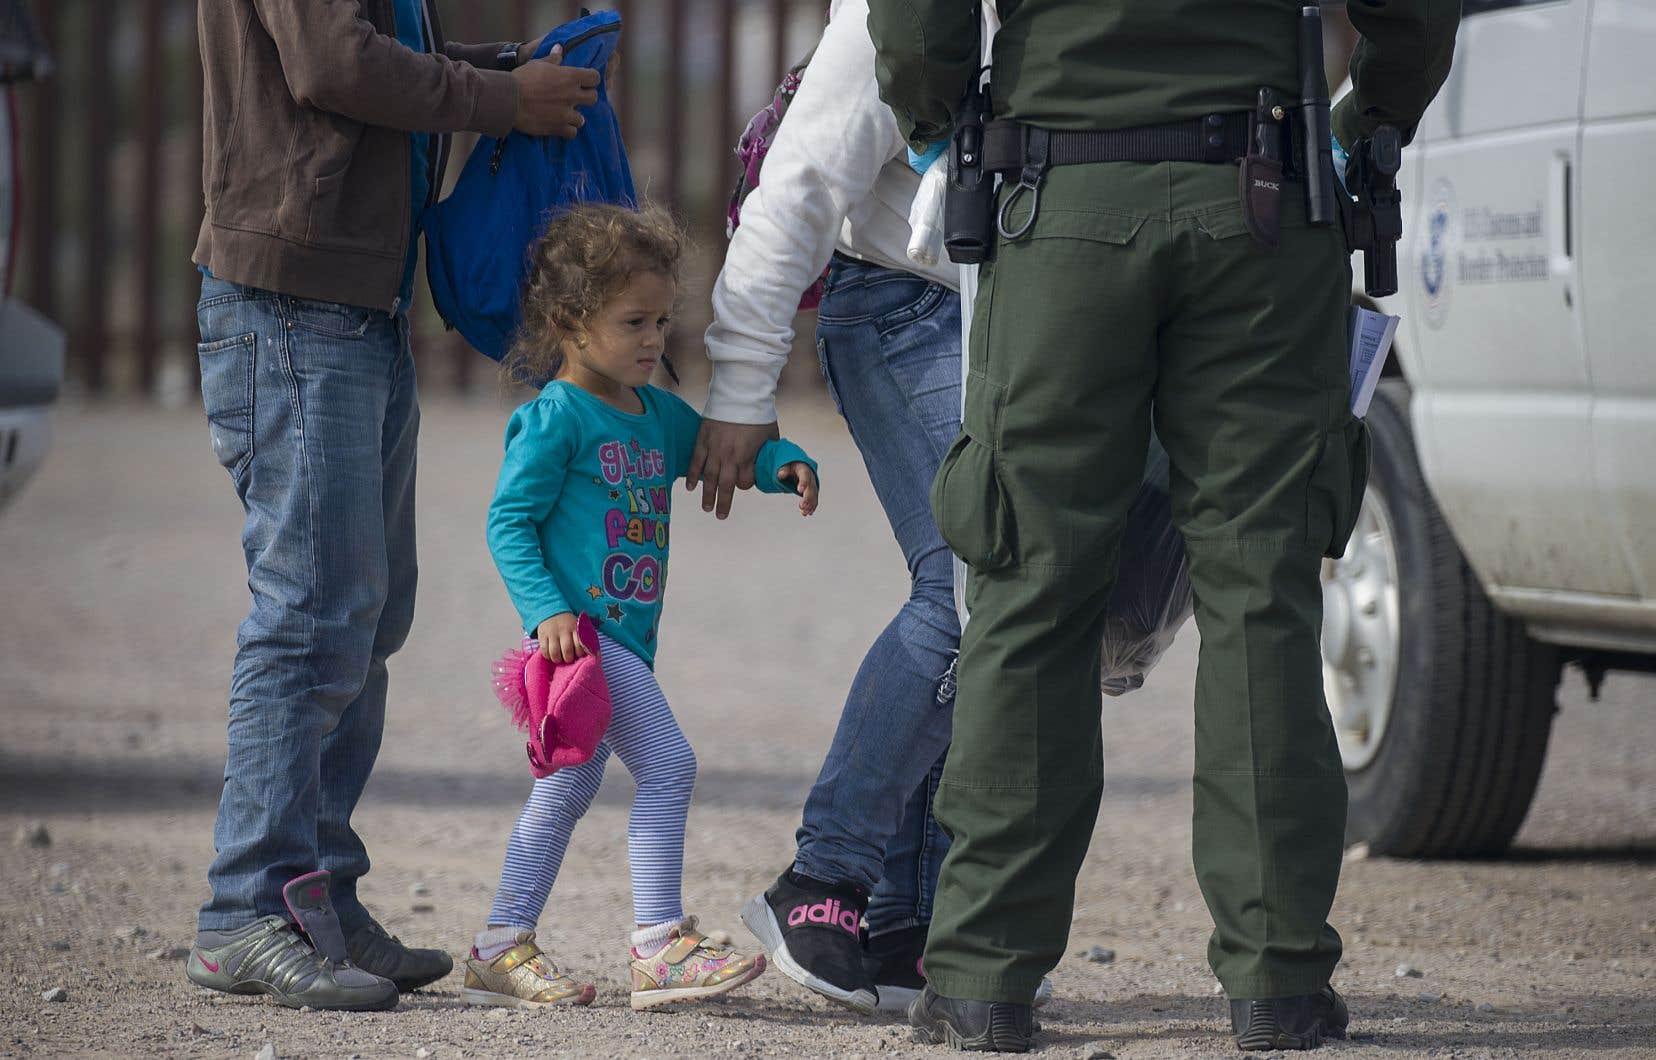 En mai, plus de 144 000 migrants ont été arrêtés à la frontière sud, dont 57 000 mineurs.